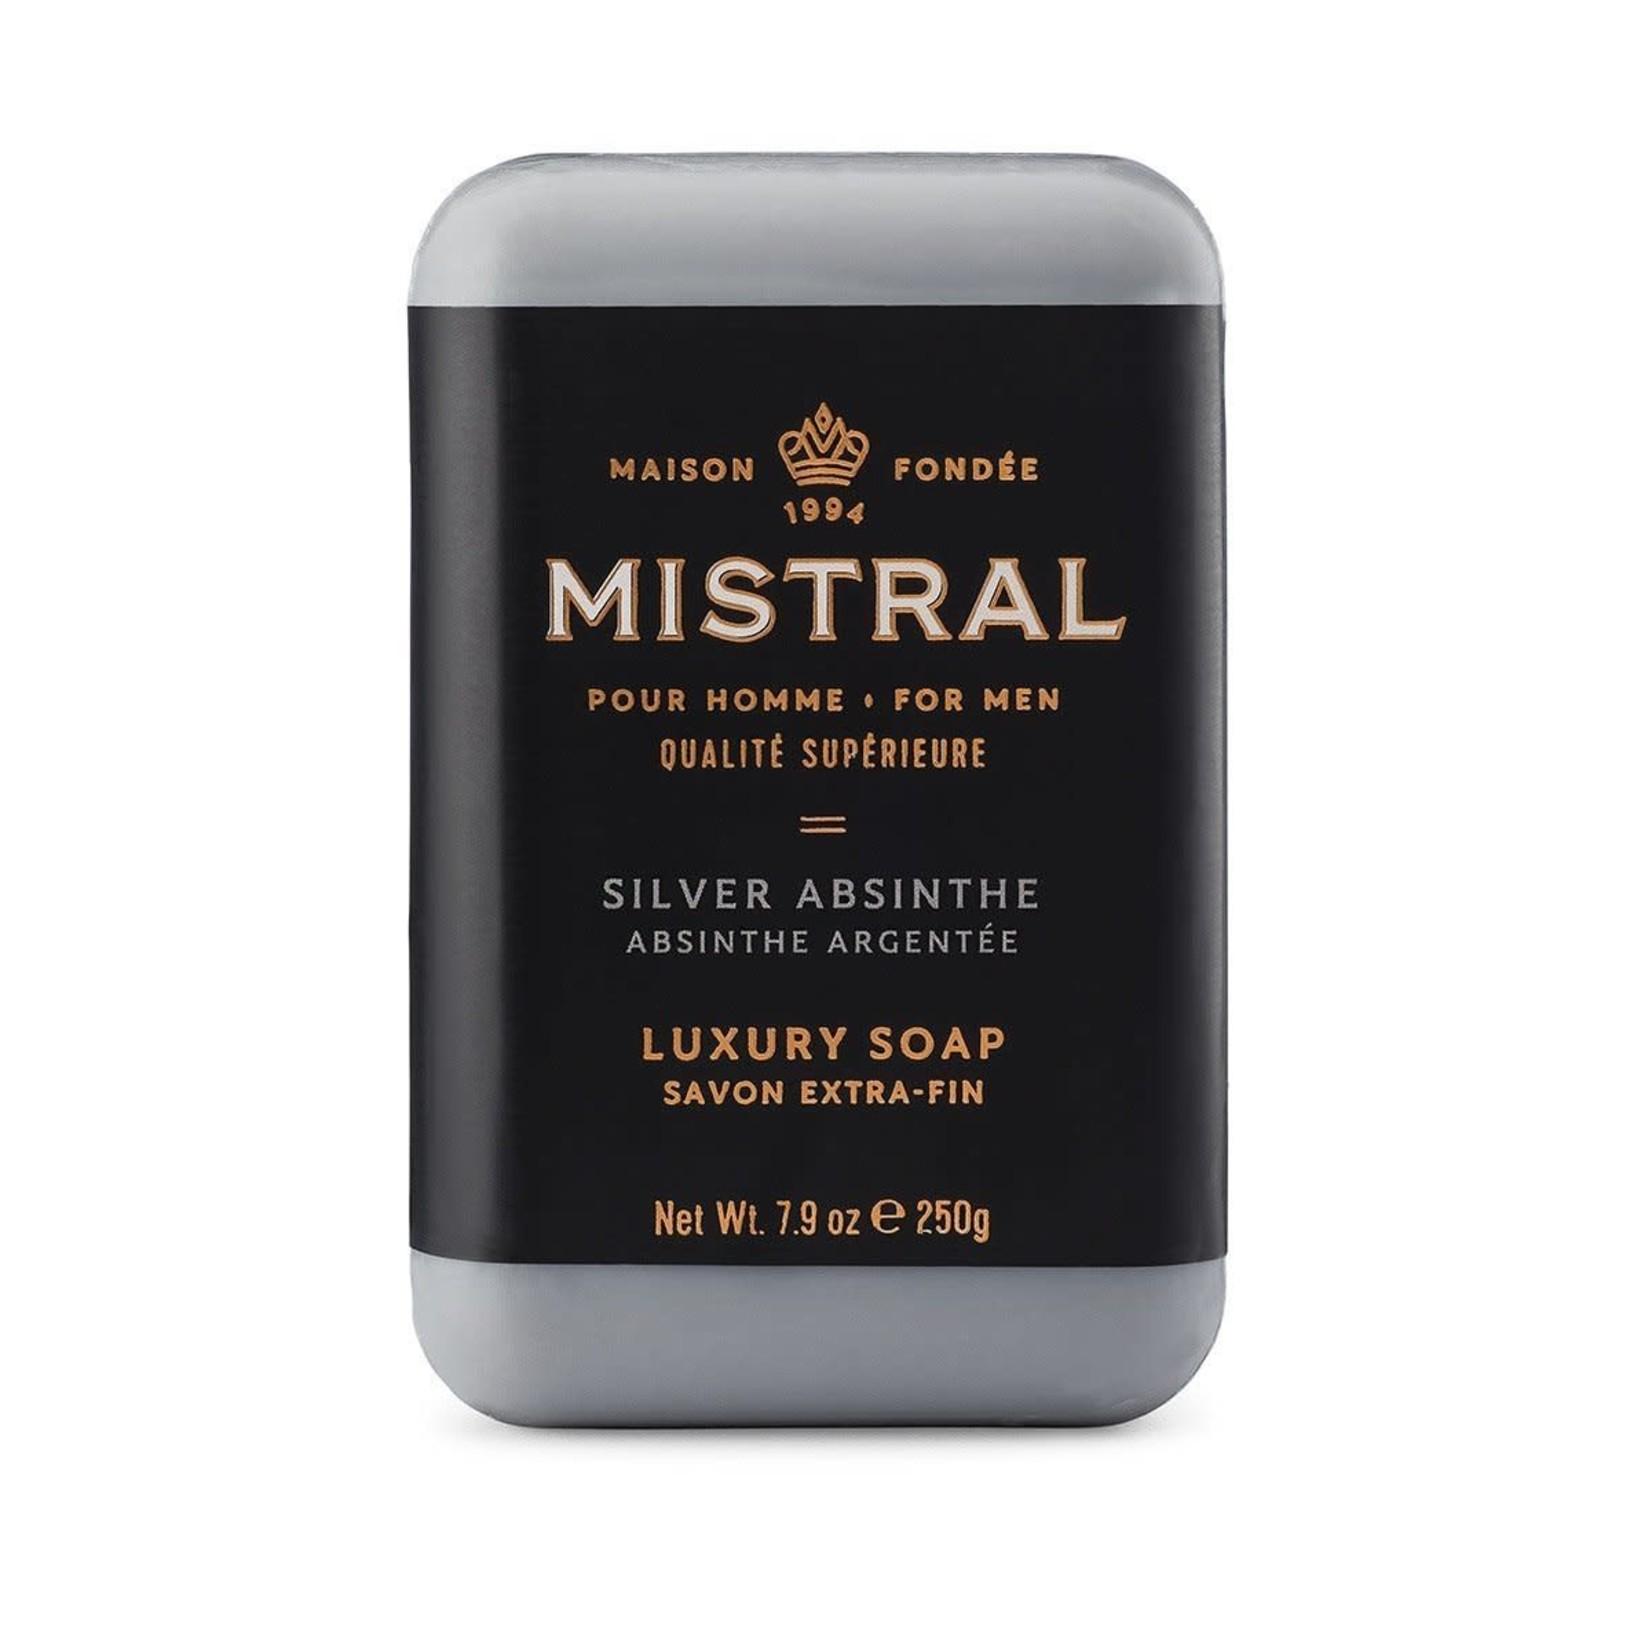 Mistral MISTRAL homme savon absinthe argentée